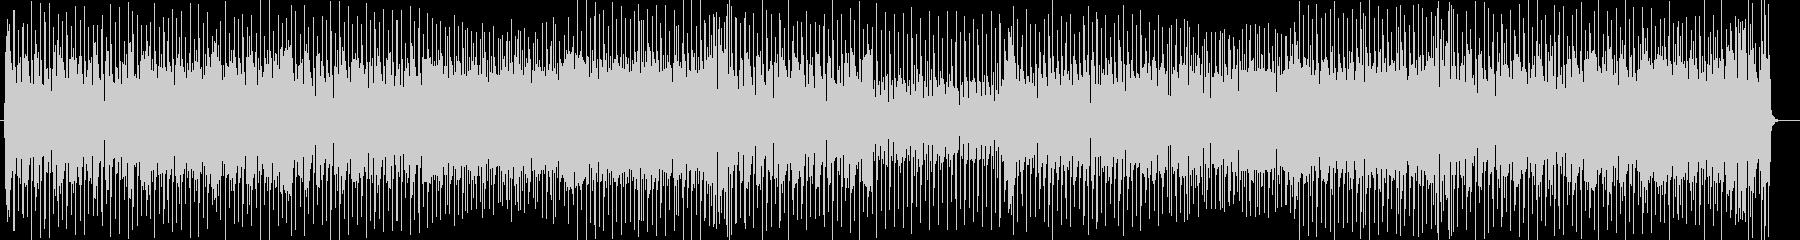 ポップでリズミカルなシンセサウンドの未再生の波形